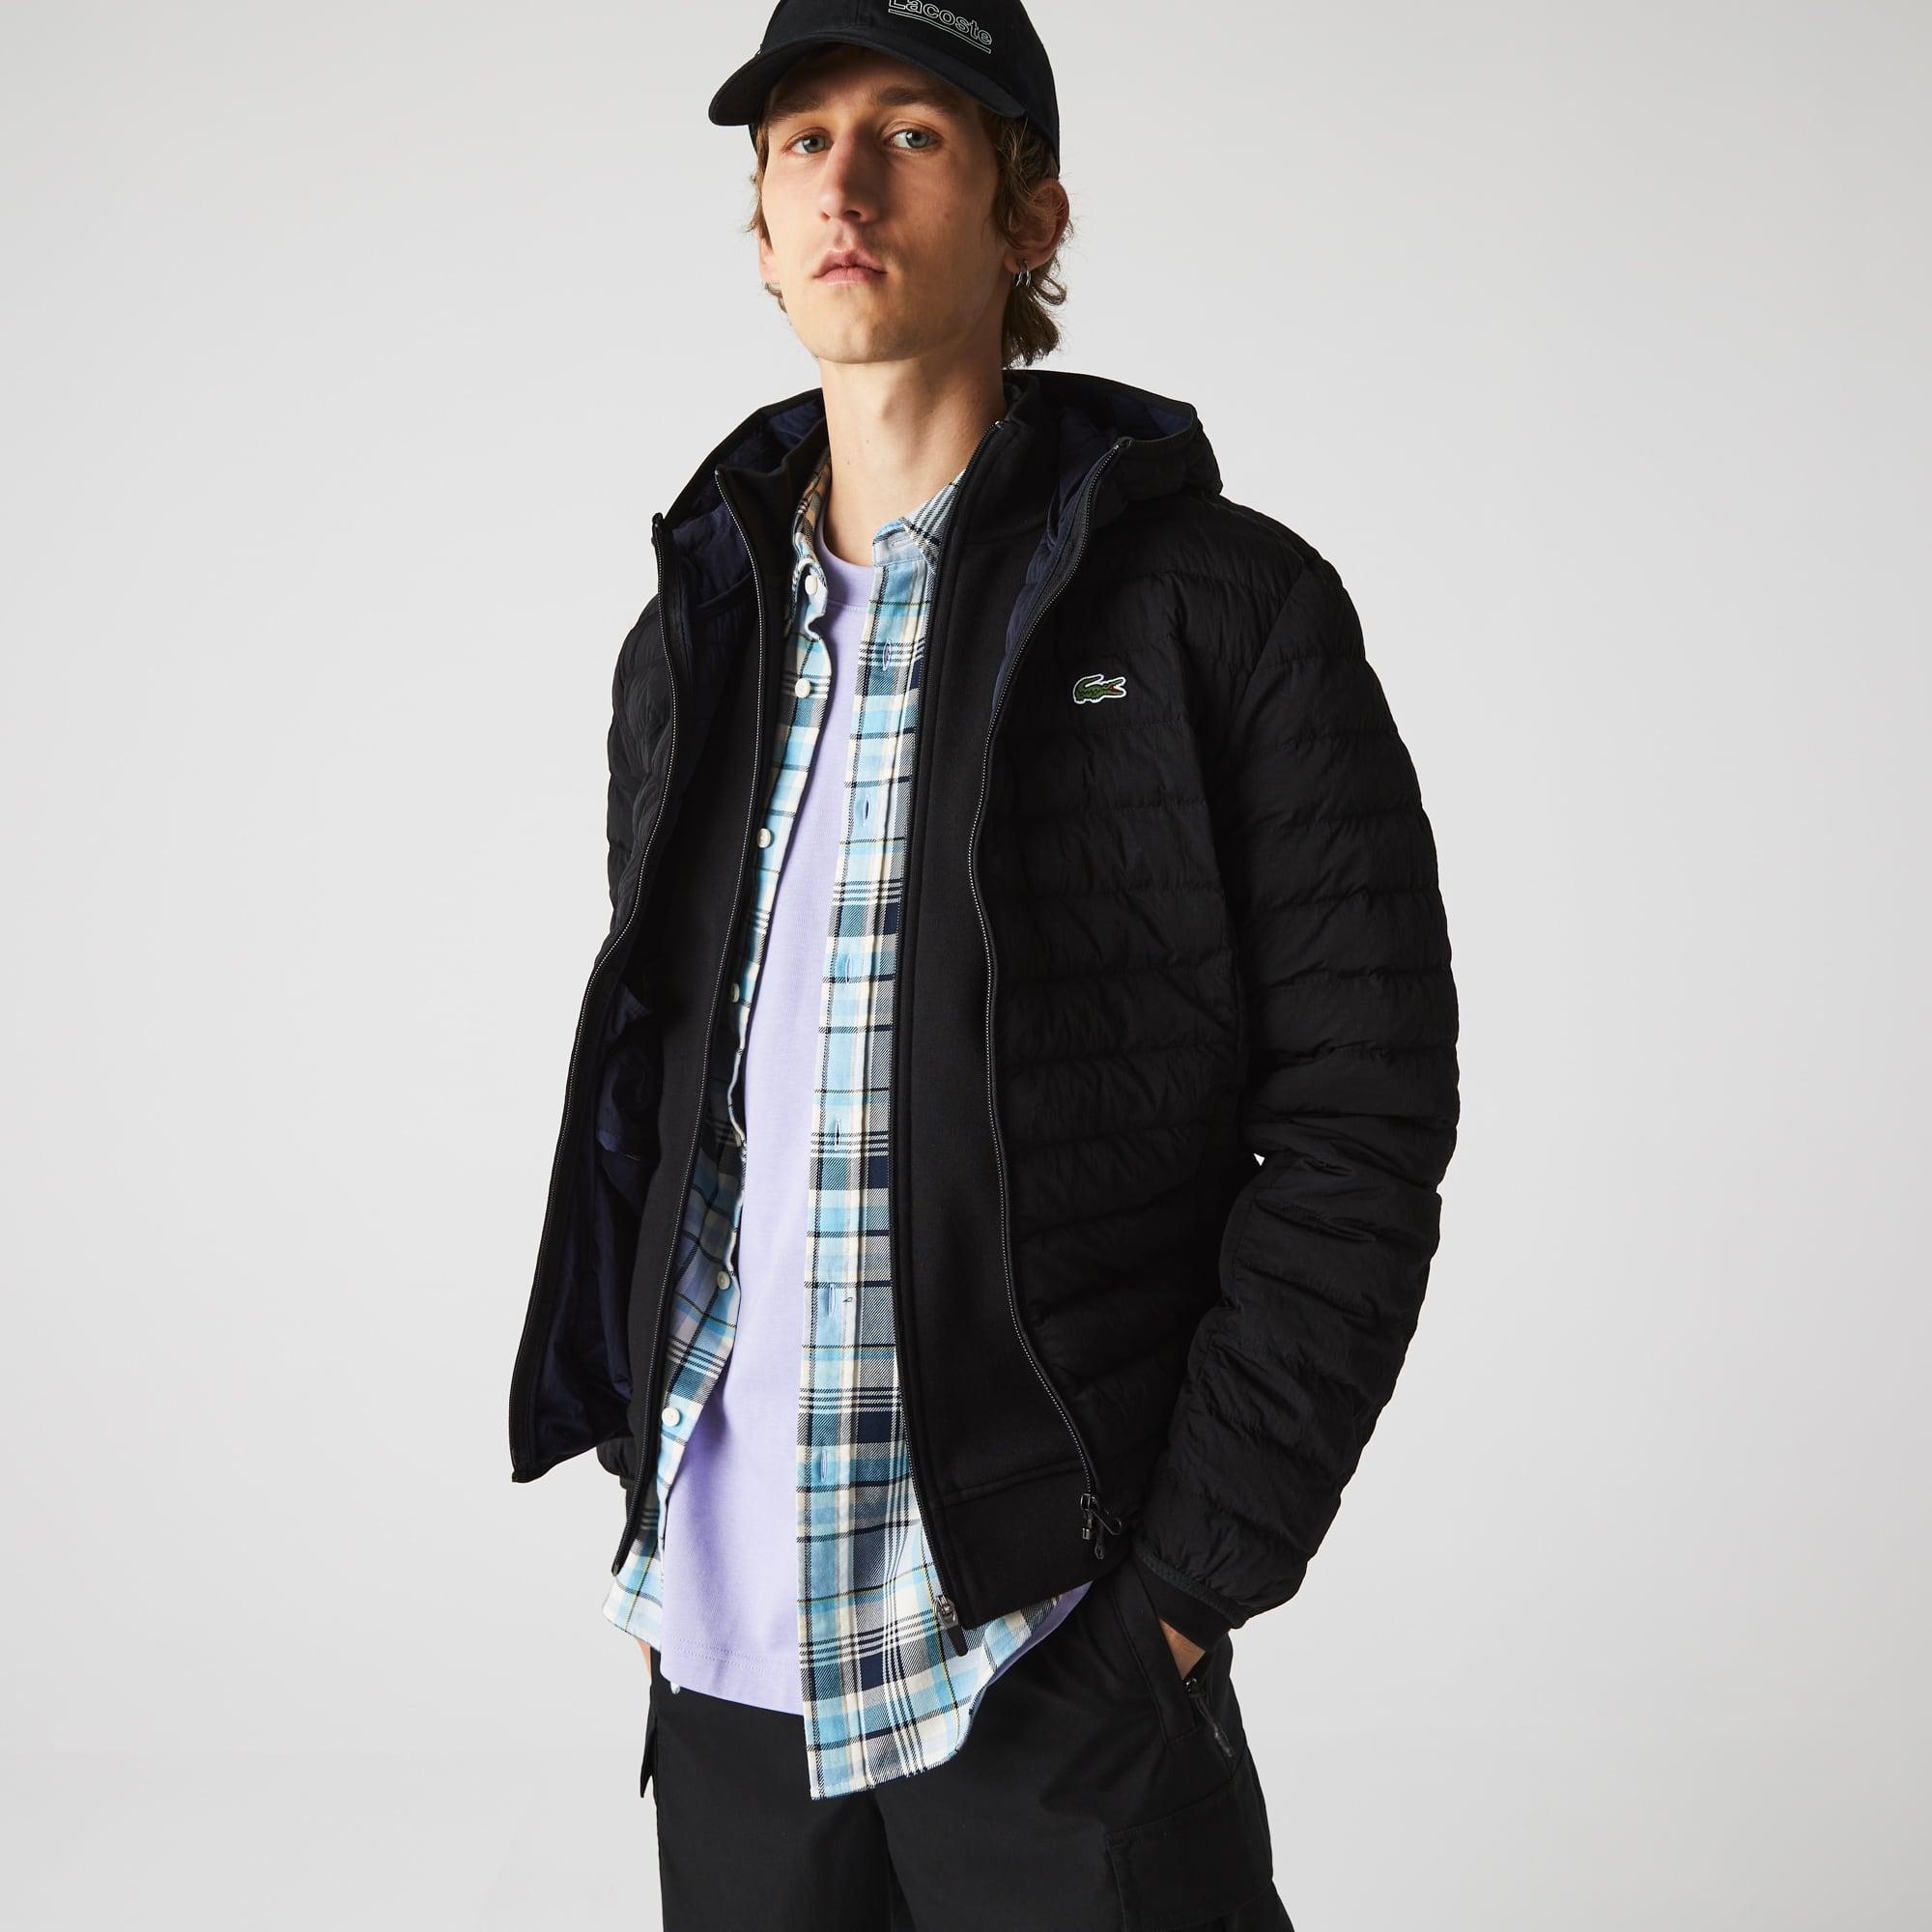 라코스테 맨 경량 후드 숏패딩 Lacoste Mens Lightweight Foldable Hooded Water-Resistant Puffer Coat